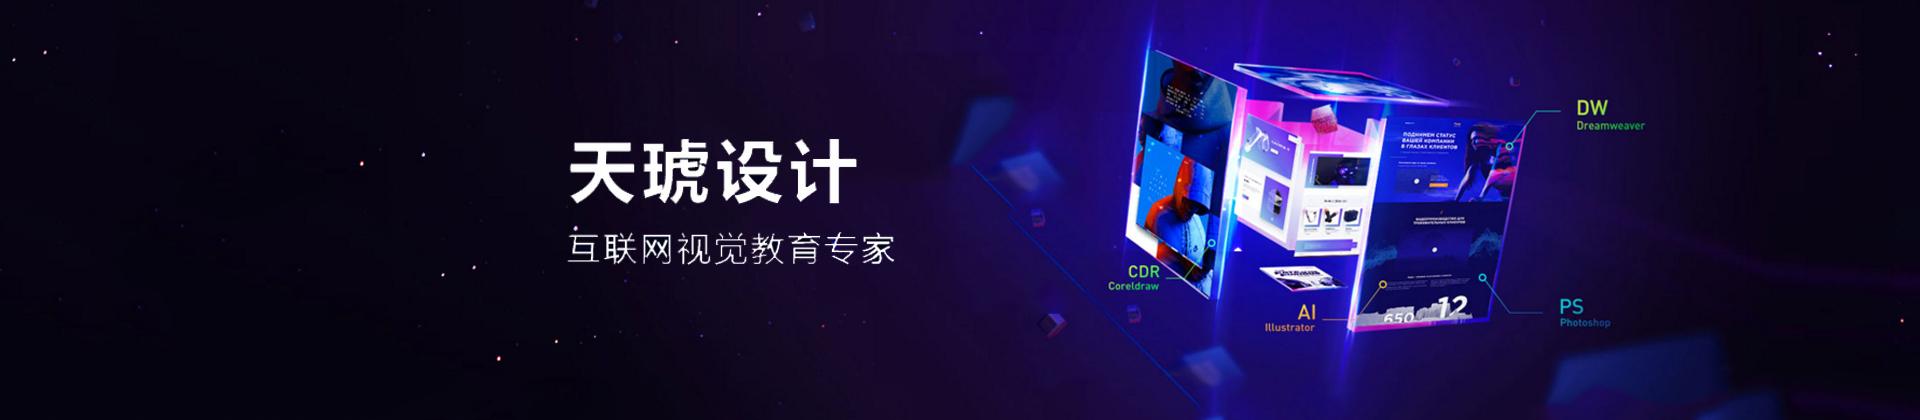 武汉天琥设计-电脑IT培训